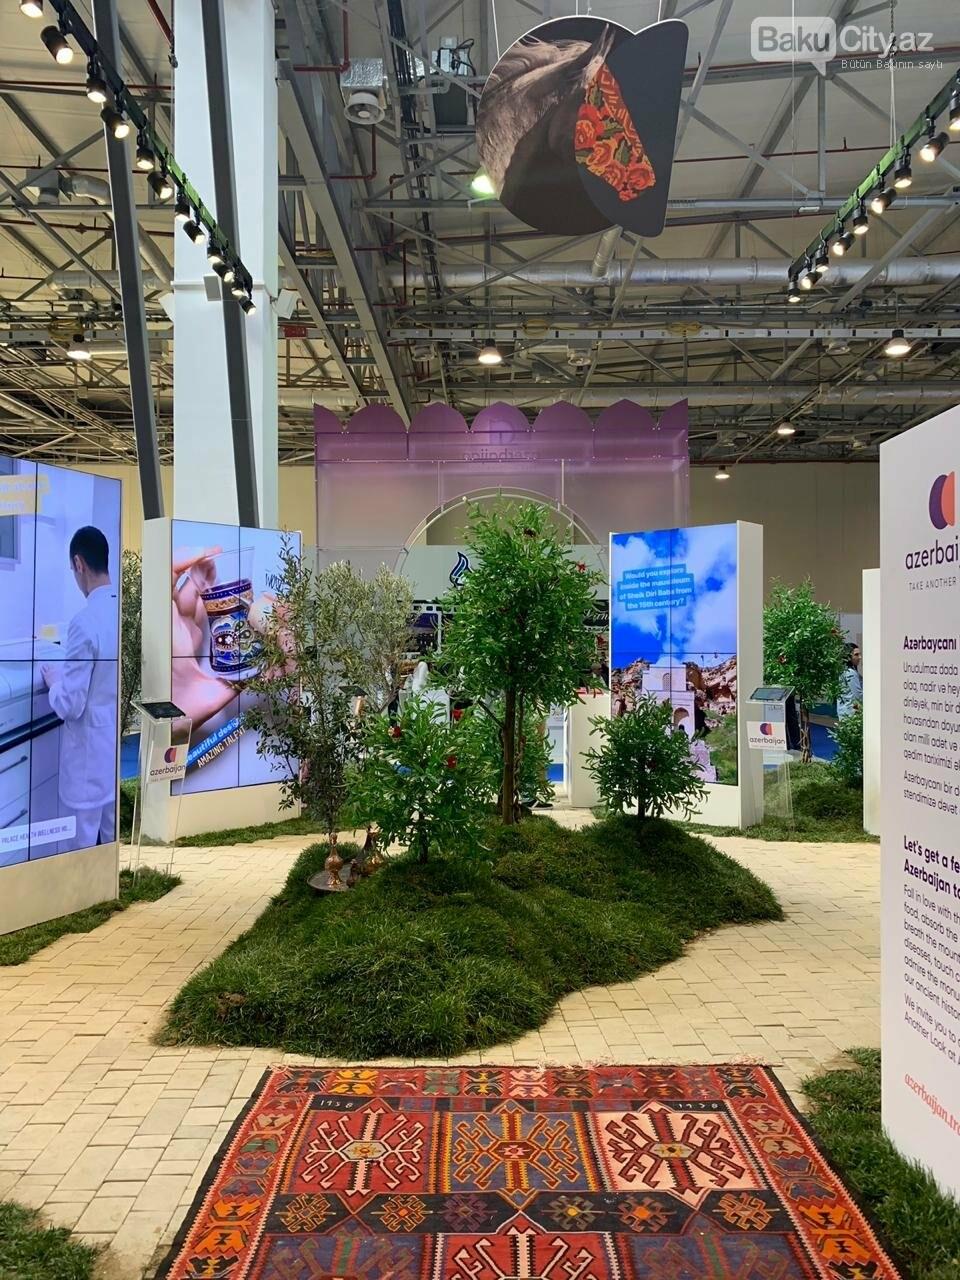 Bakıda keçirilən AITF 2019 davam edir - FOTO, fotoşəkil-12